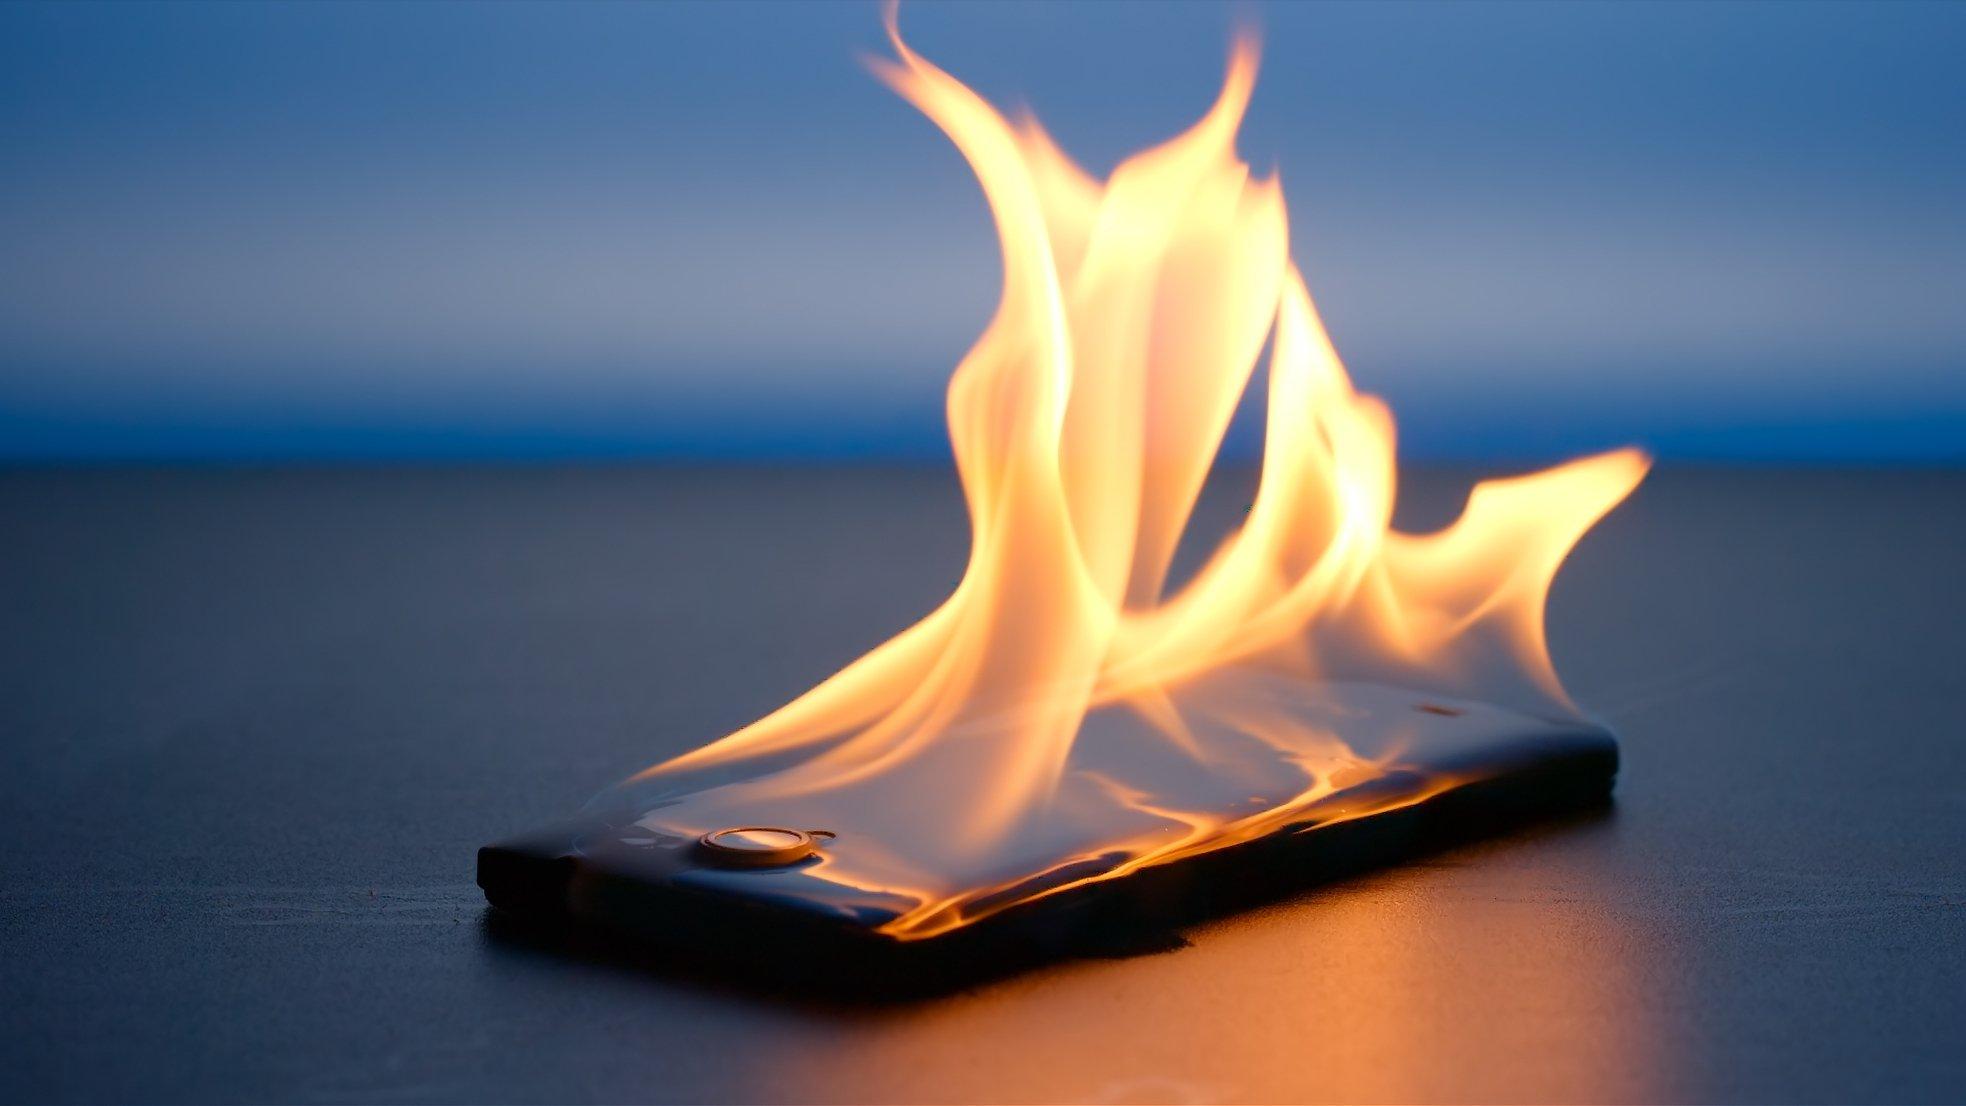 Эксперты рассказали, как избежать перегрева смартфона